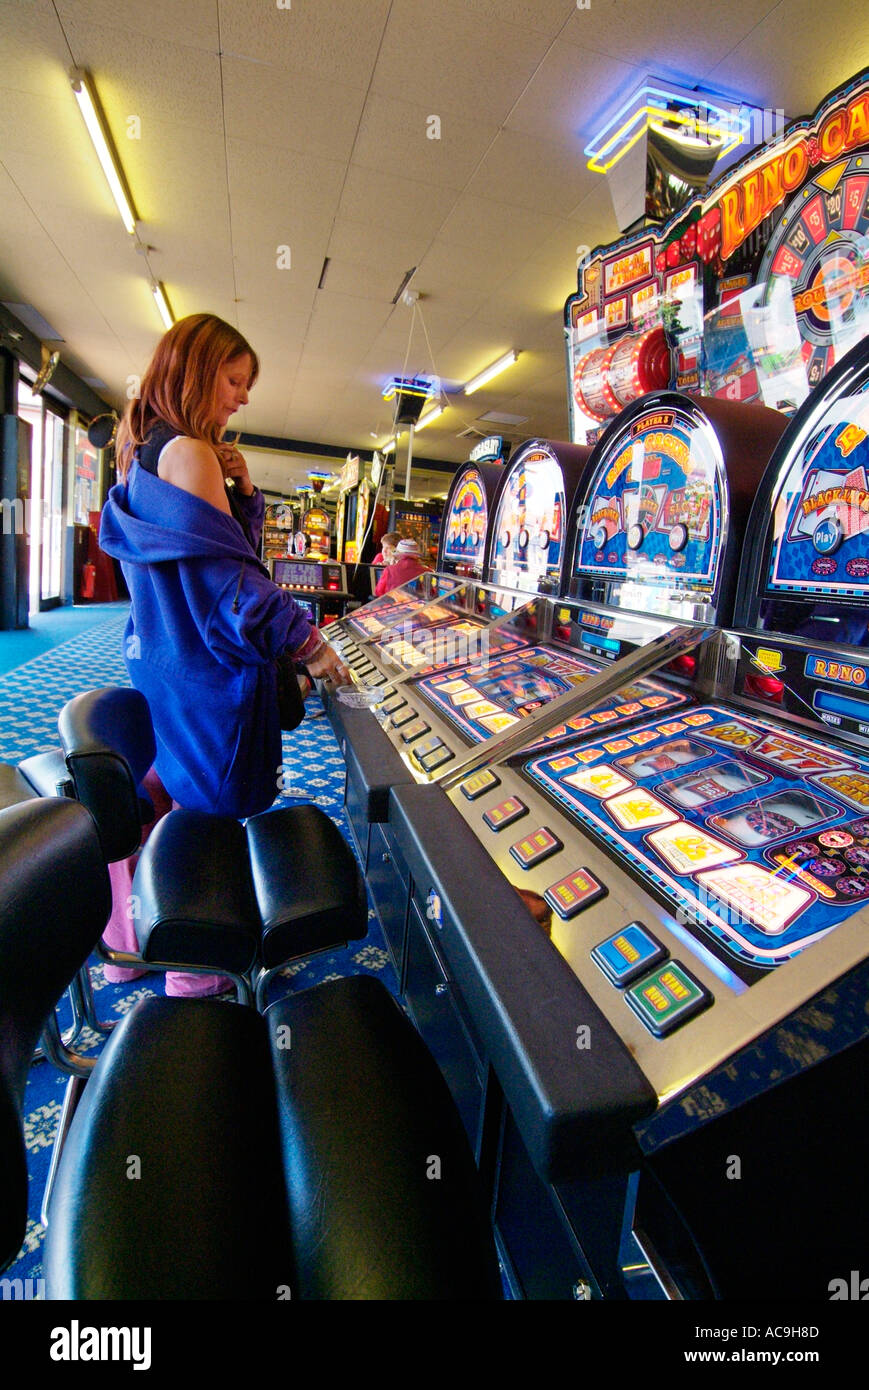 Gamble amusement free casino jackpot machine